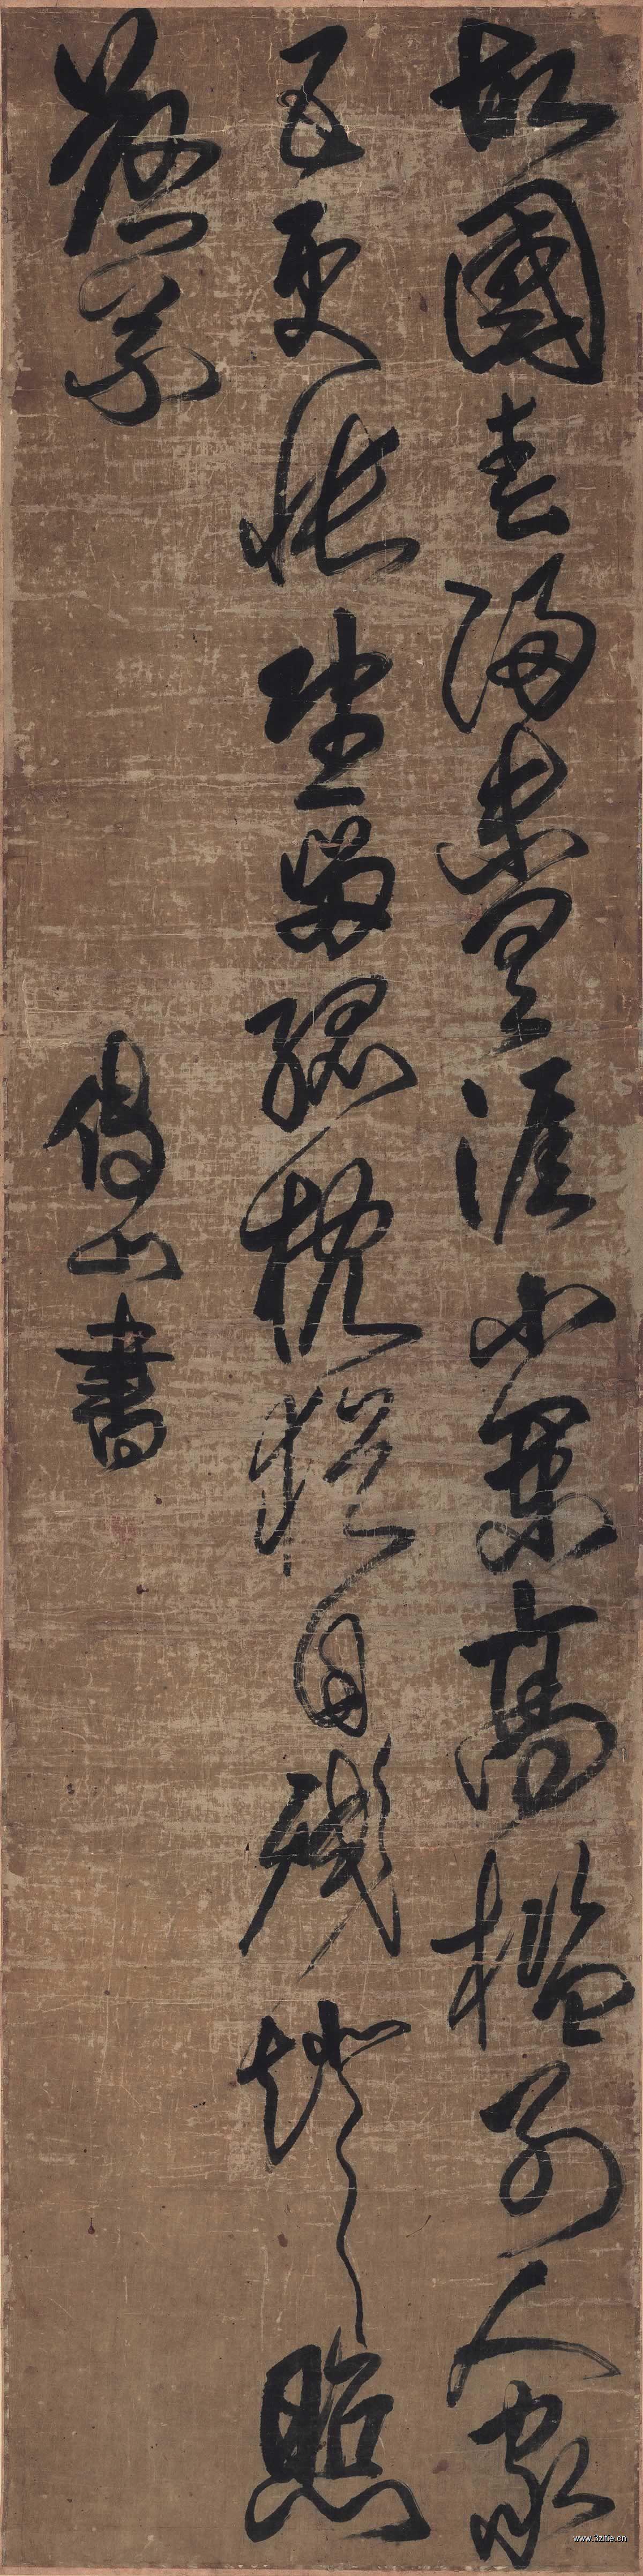 清 傅山 行书 绢本 41.3x165.4